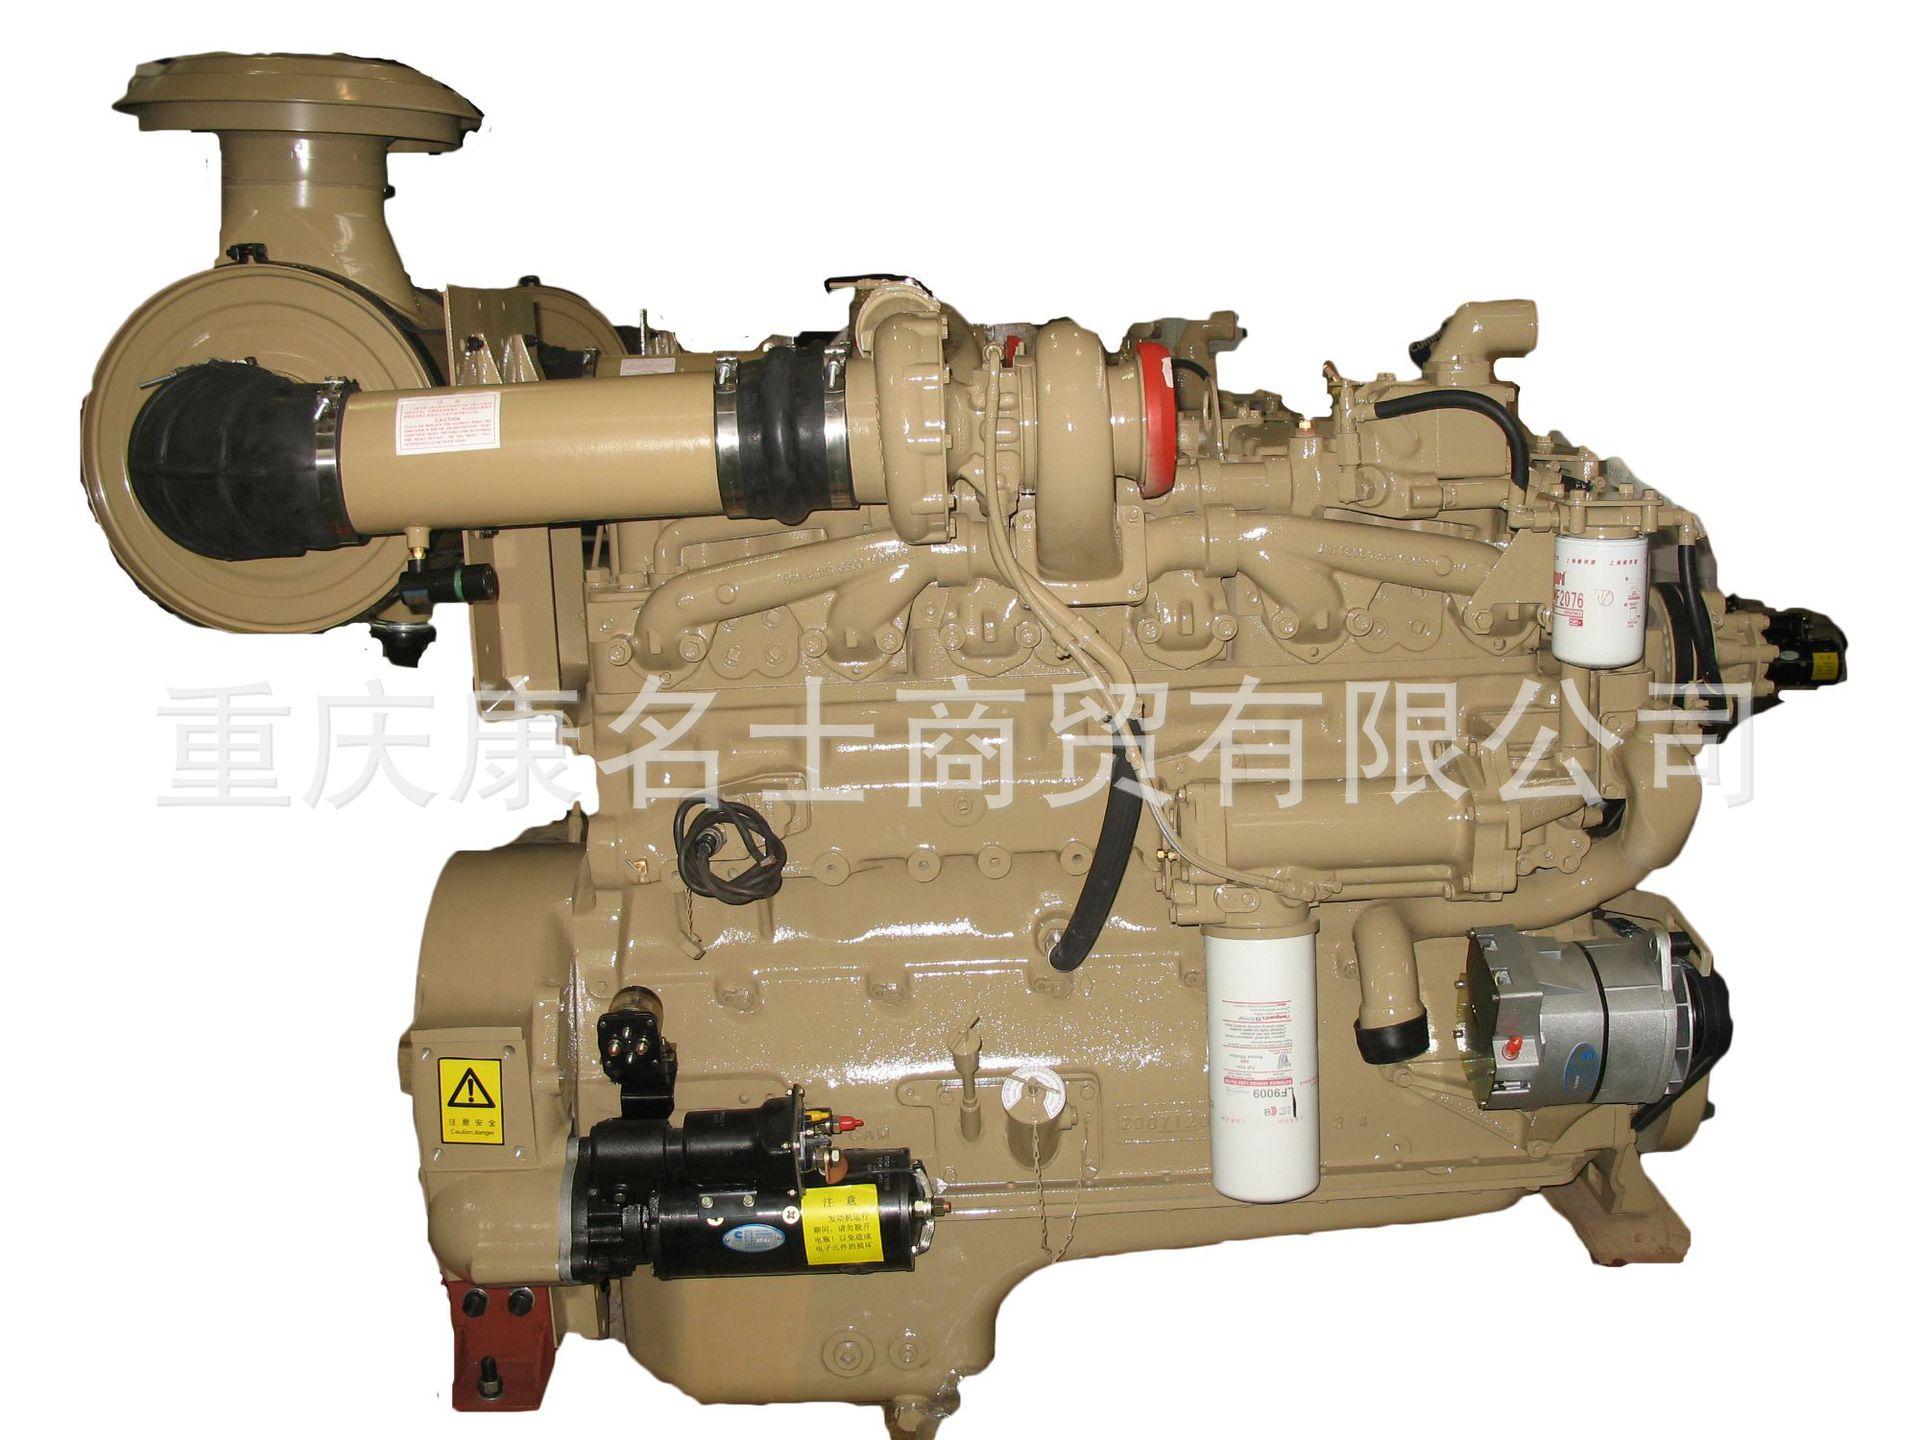 4369150康明斯风扇离合器ISB5.9发动机配件厂价优惠